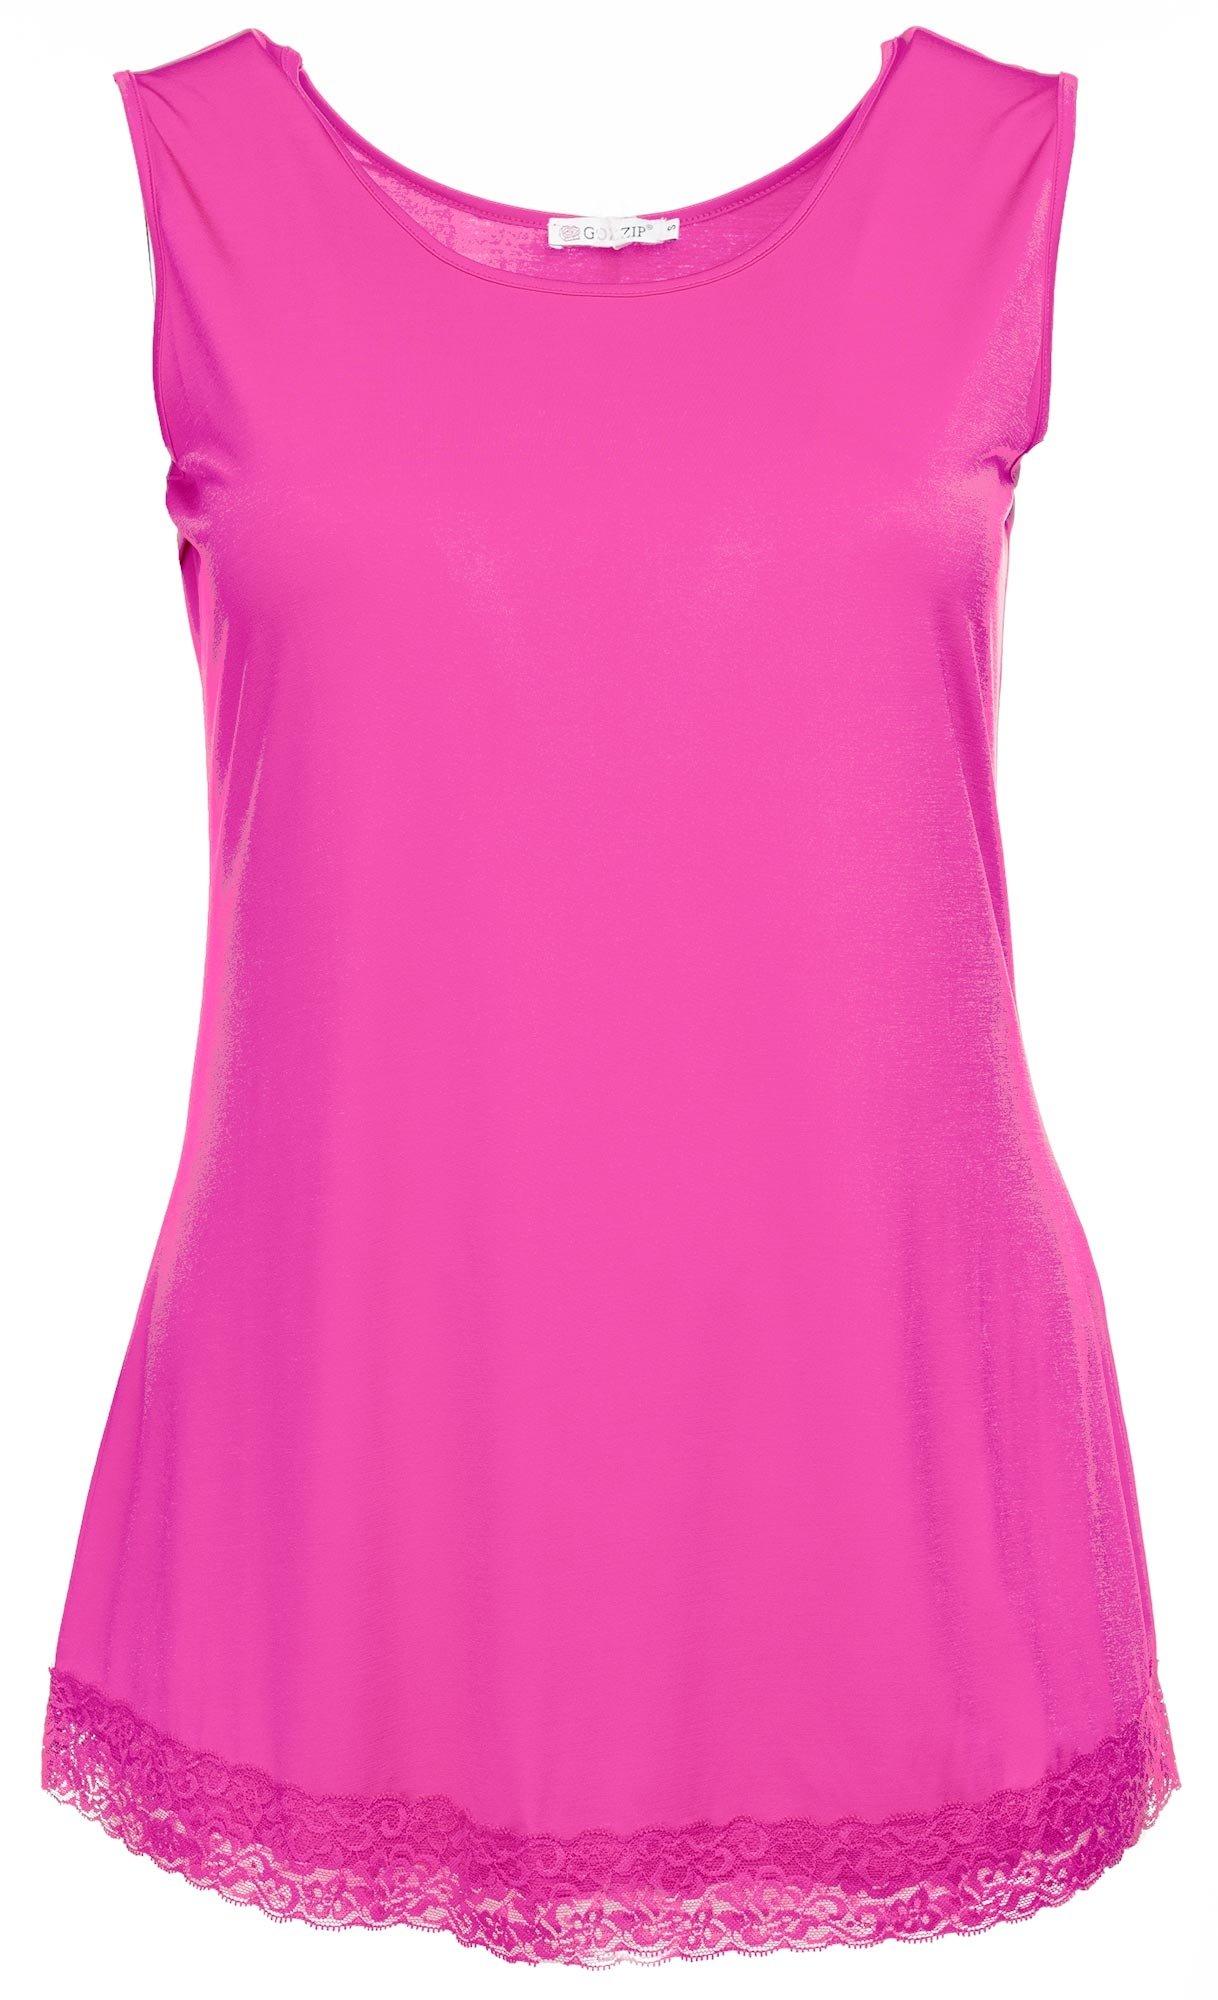 Pink topp i kort modell med fin blondekant